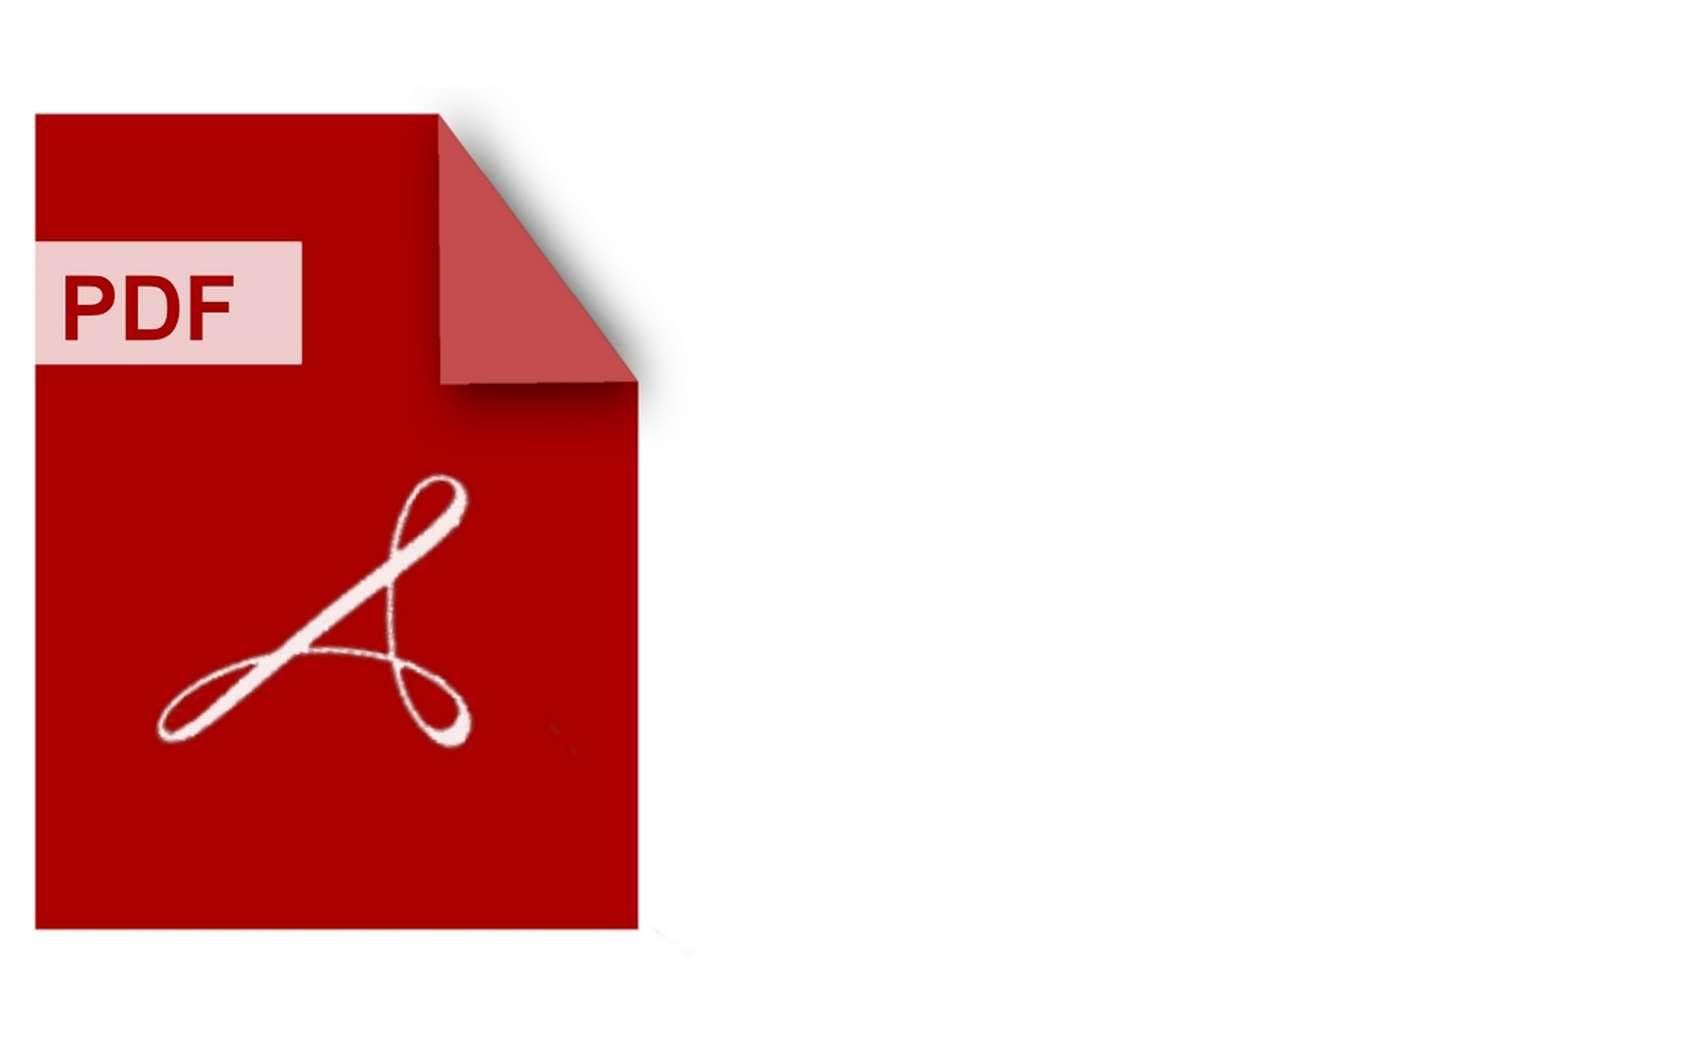 Le format PDF est un langage de description de page créé par Adobe en 1992, devenu une norme ISO en 2008. © Pixabay.com